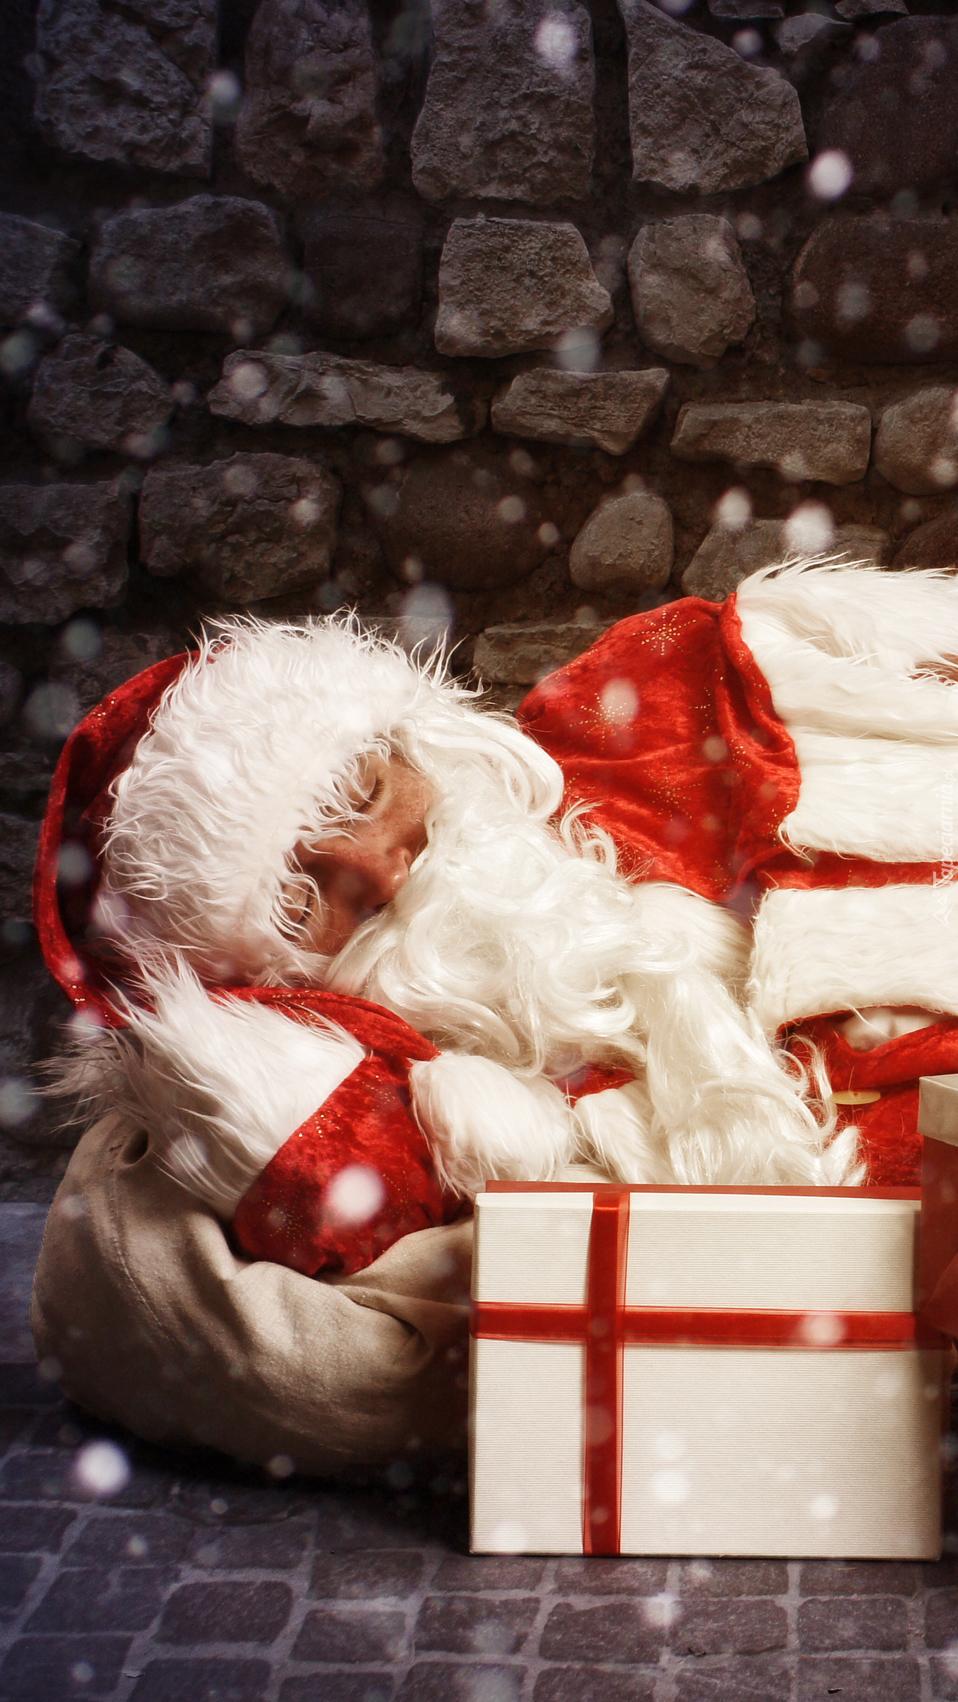 Śpiący Mikołaj